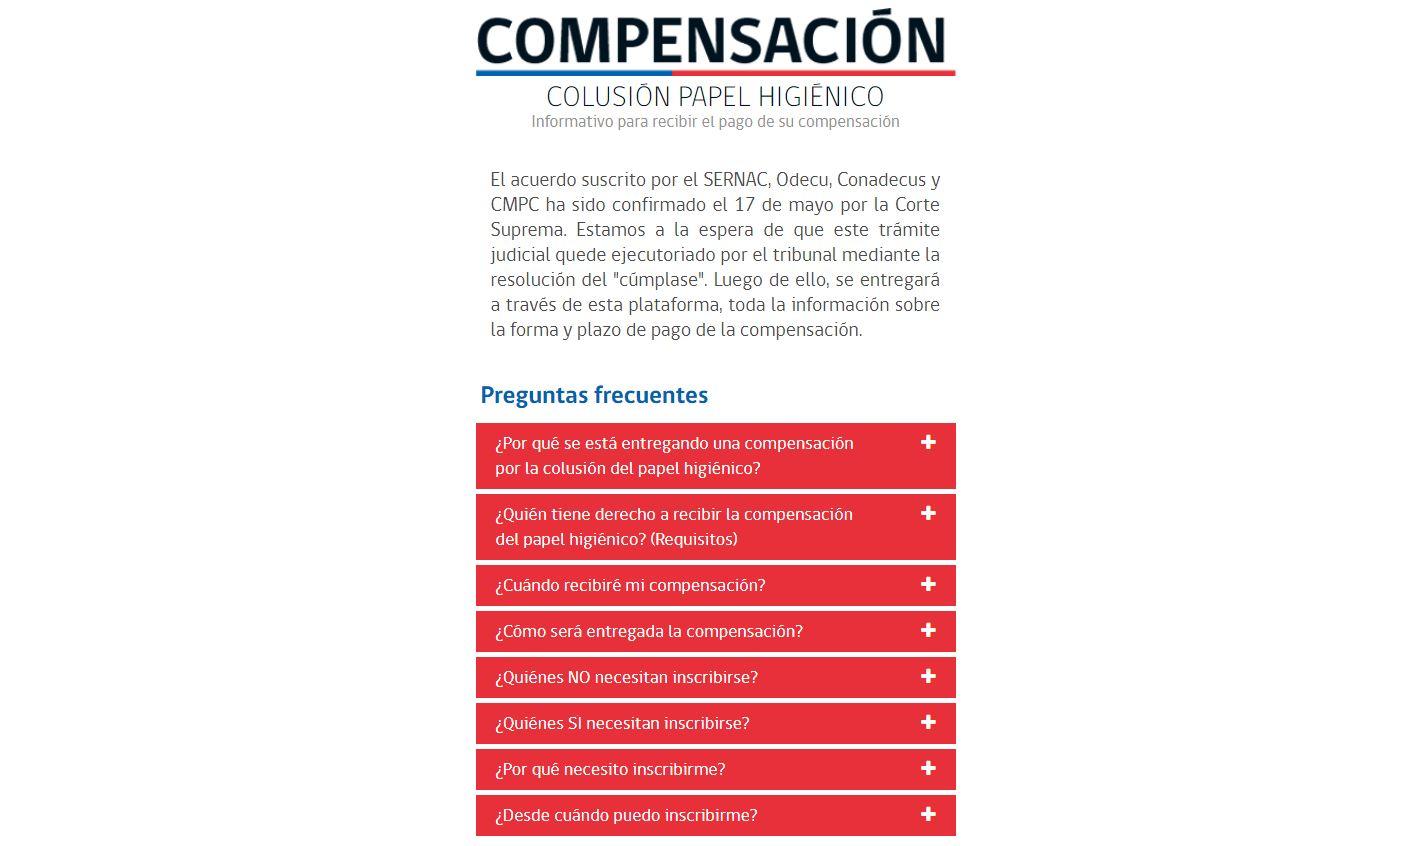 Colusión del confort: Sernac lanza sitio web explicativo para aclarar cómo se pagarán los 7 mil pesos